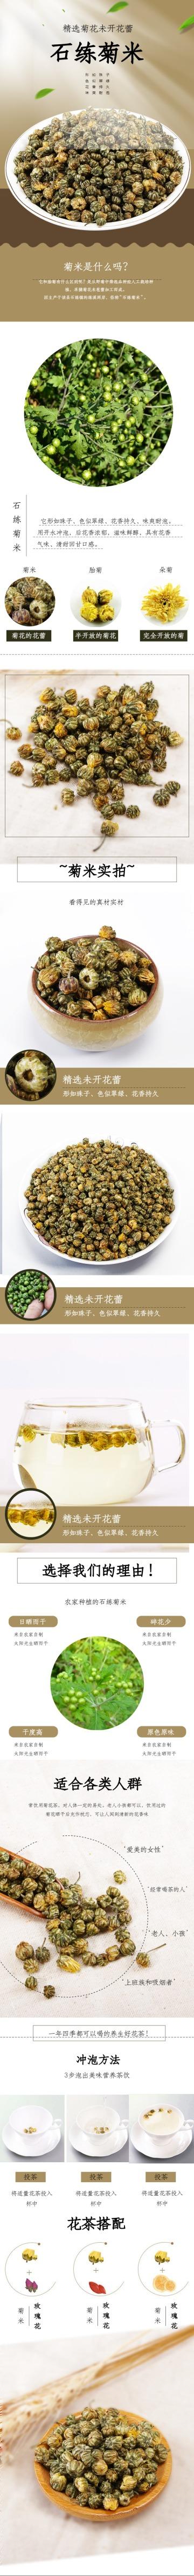 清新文艺生活花茶宣传营销电商详情图